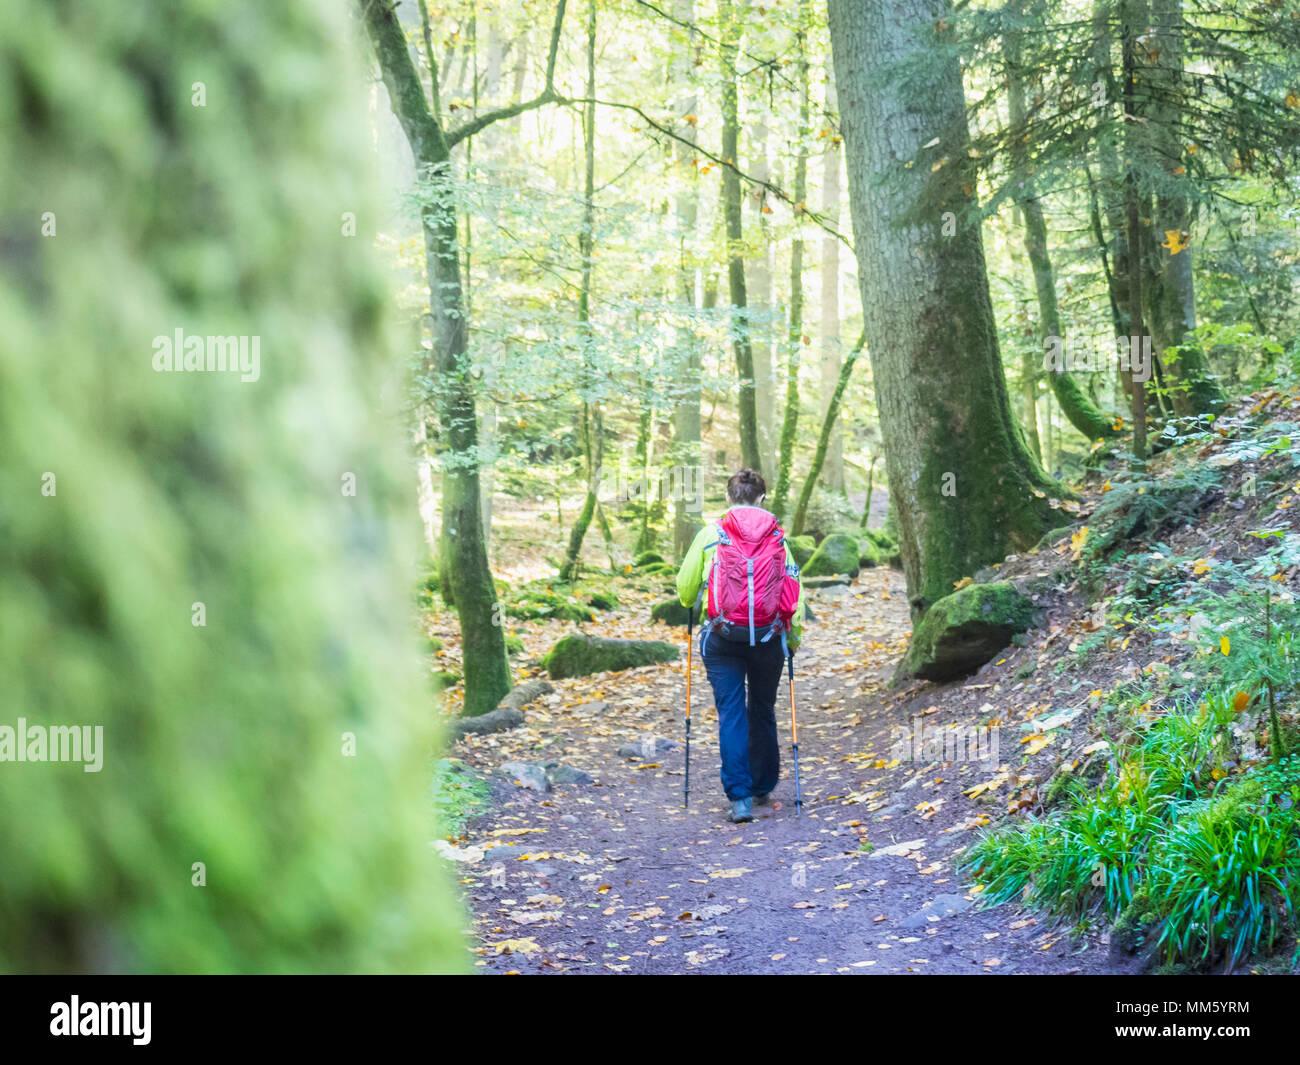 Femme en randonnée dans le Nord de la Forêt Noire, Monbachtal, 'Bad Liebenzell', Bade-Wurtemberg, Allemagne Photo Stock